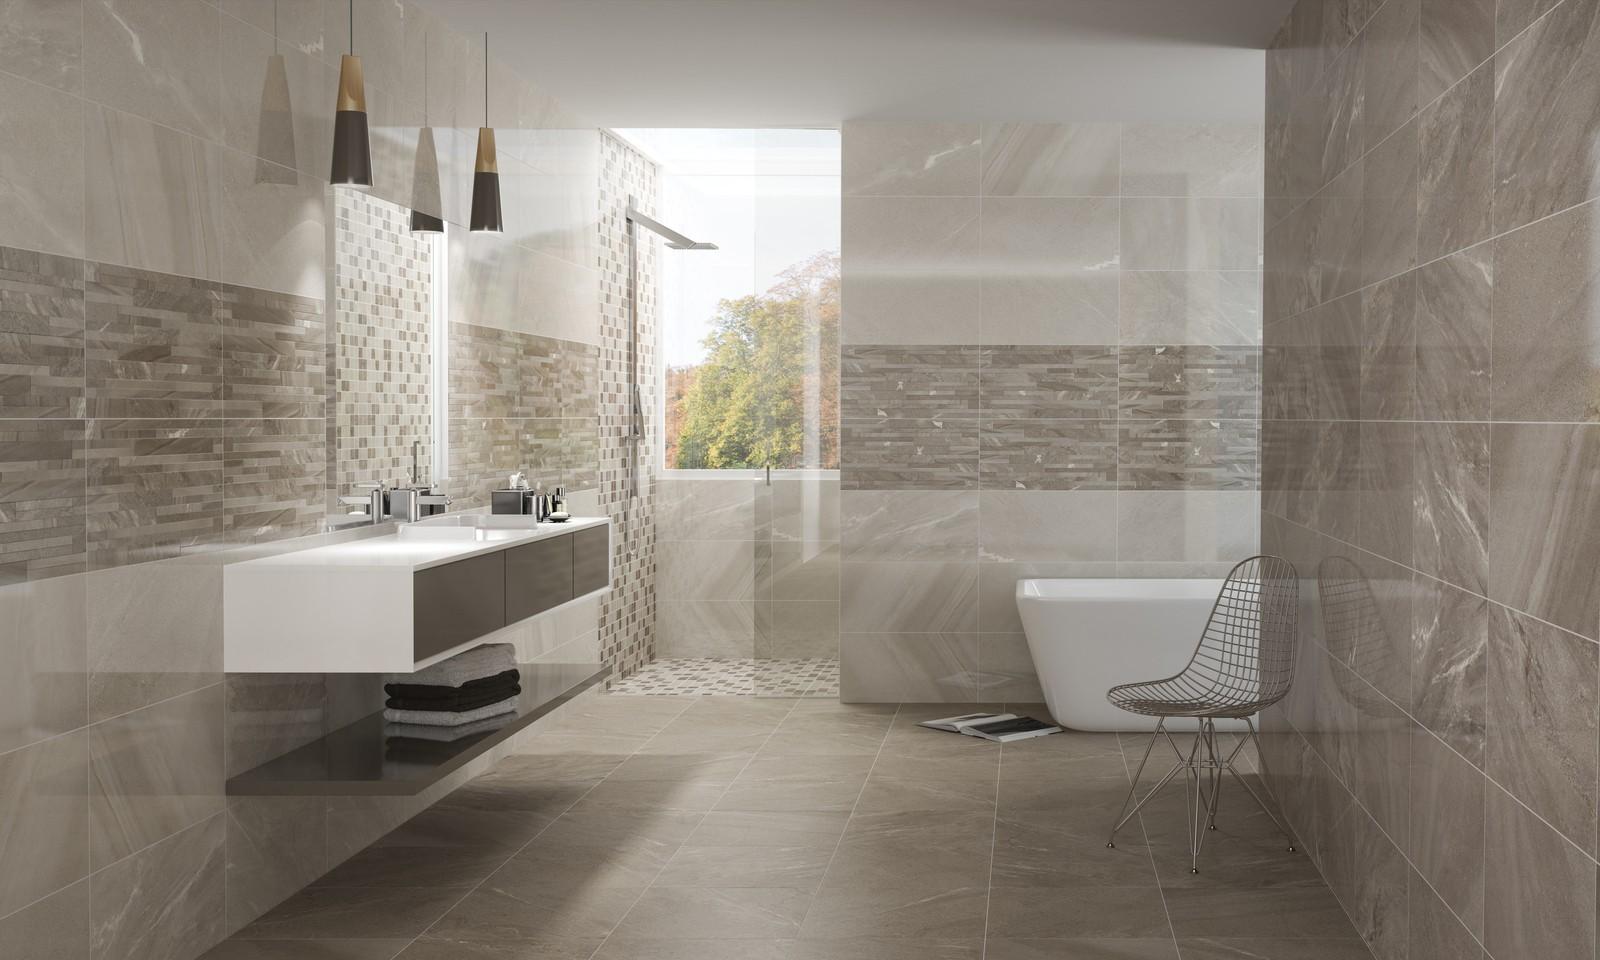 Tileflair Tiles UK